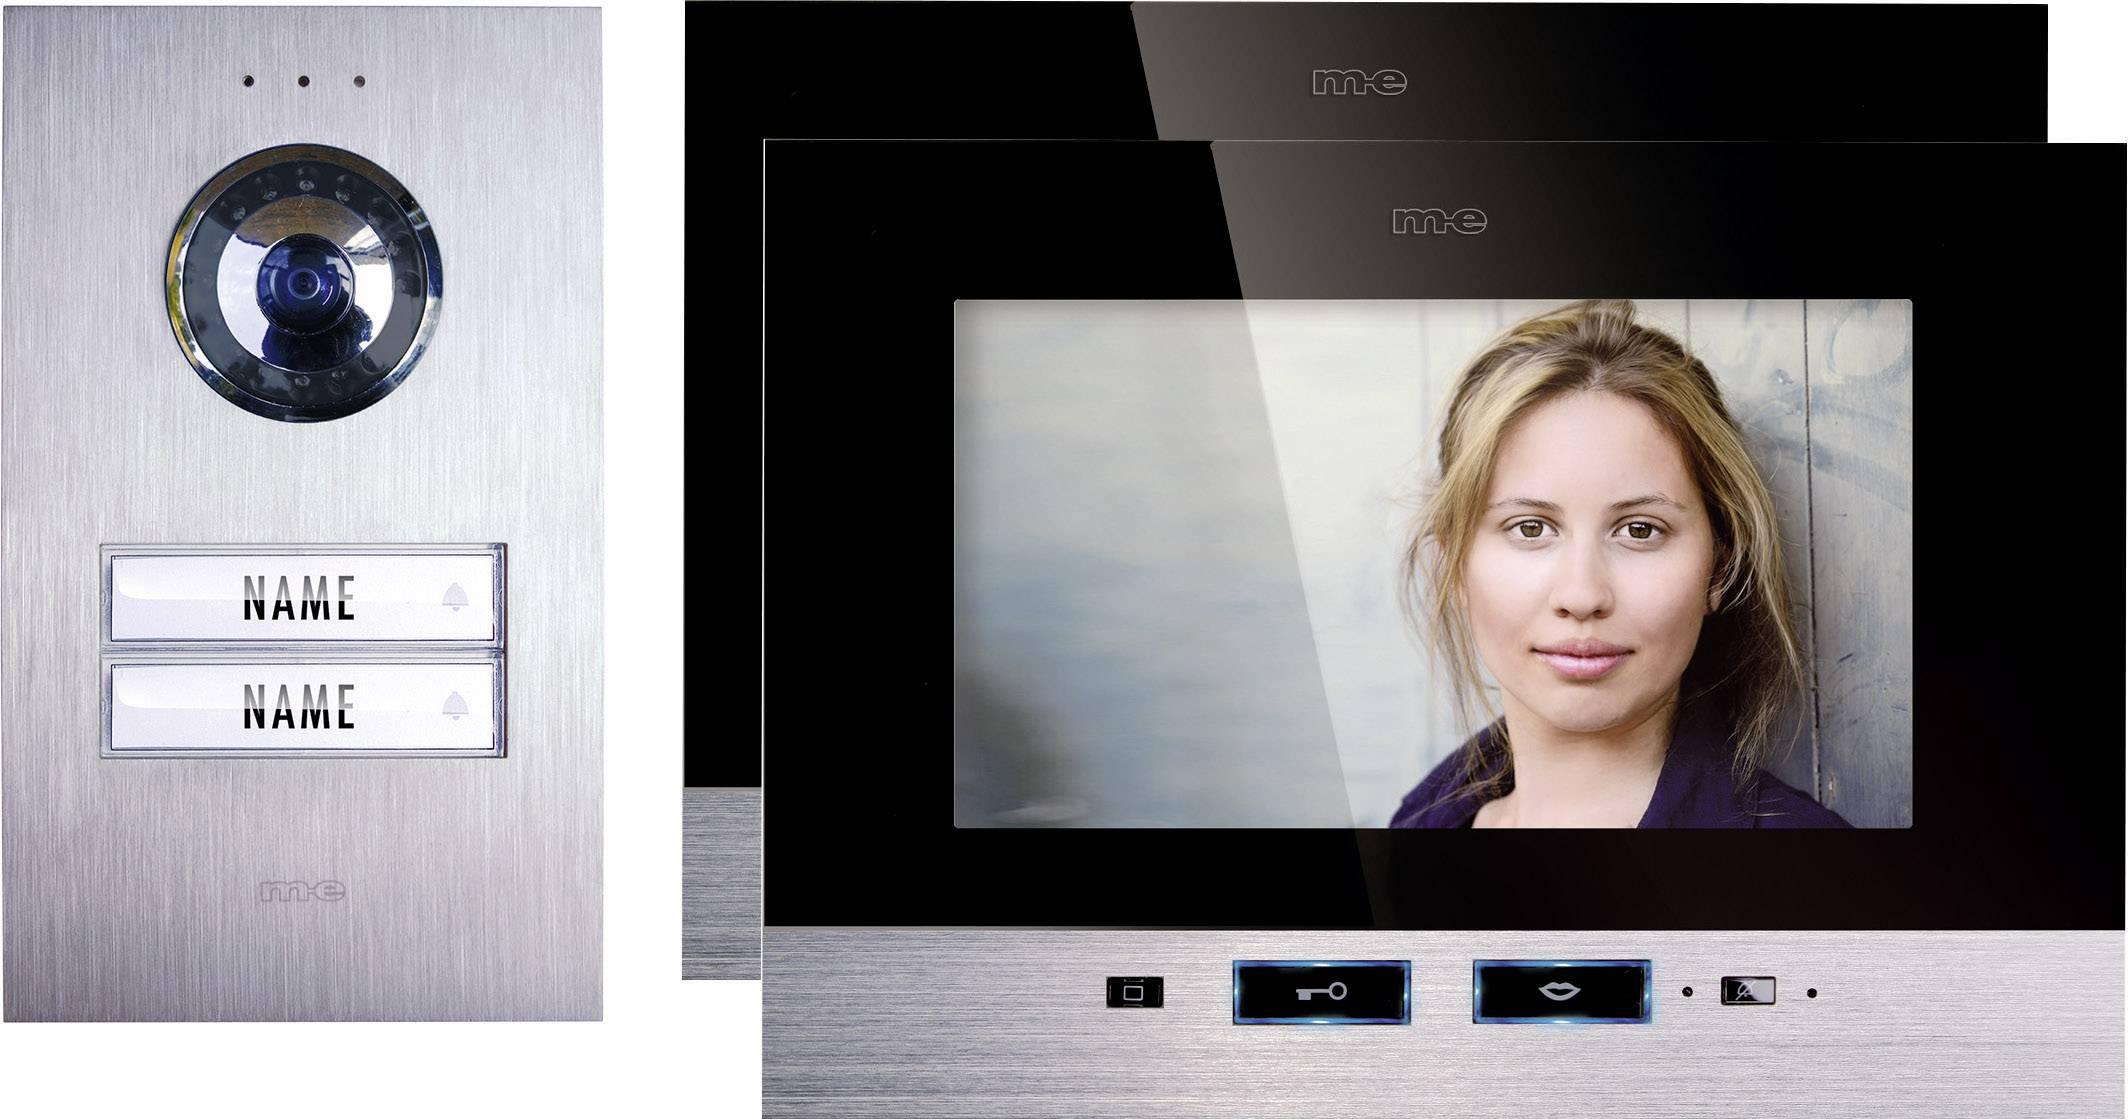 Domový telefón m-e modern-electronics 2 rodiny, kompletná sada, strieborná, čierna